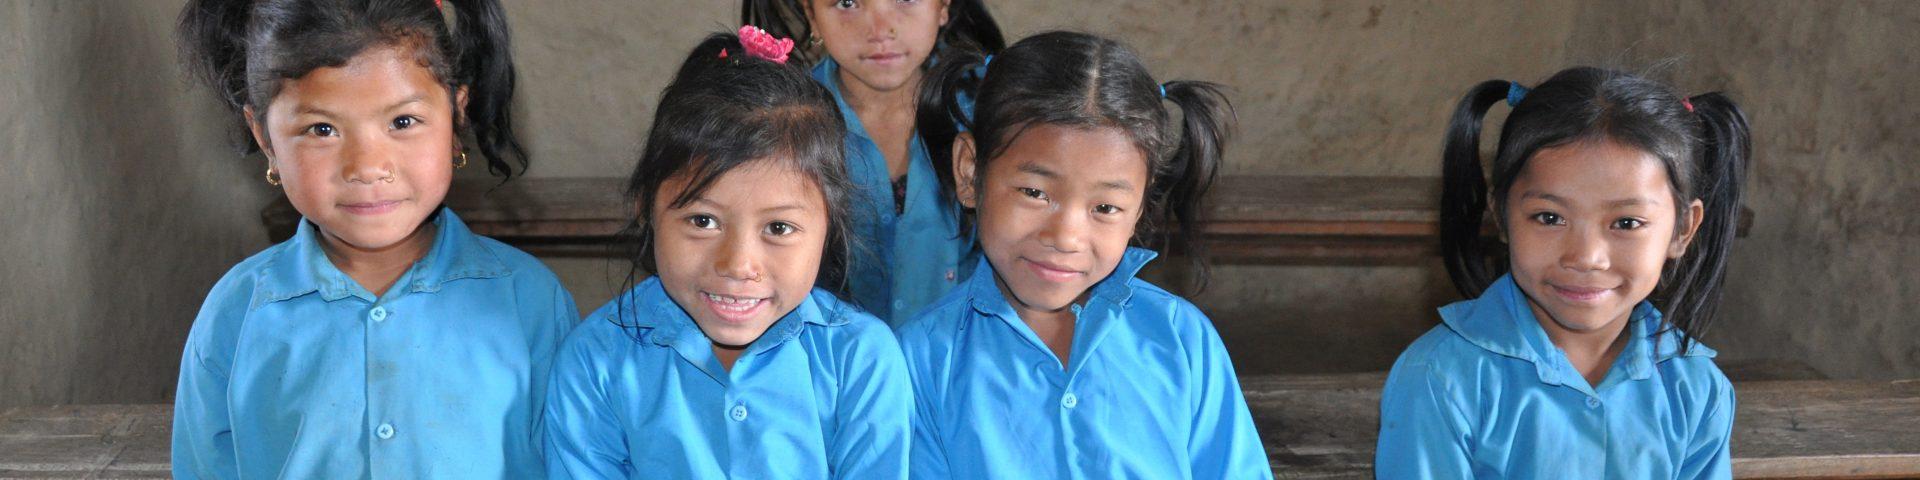 Lachende meisjes uit Azie in blauwe shirts